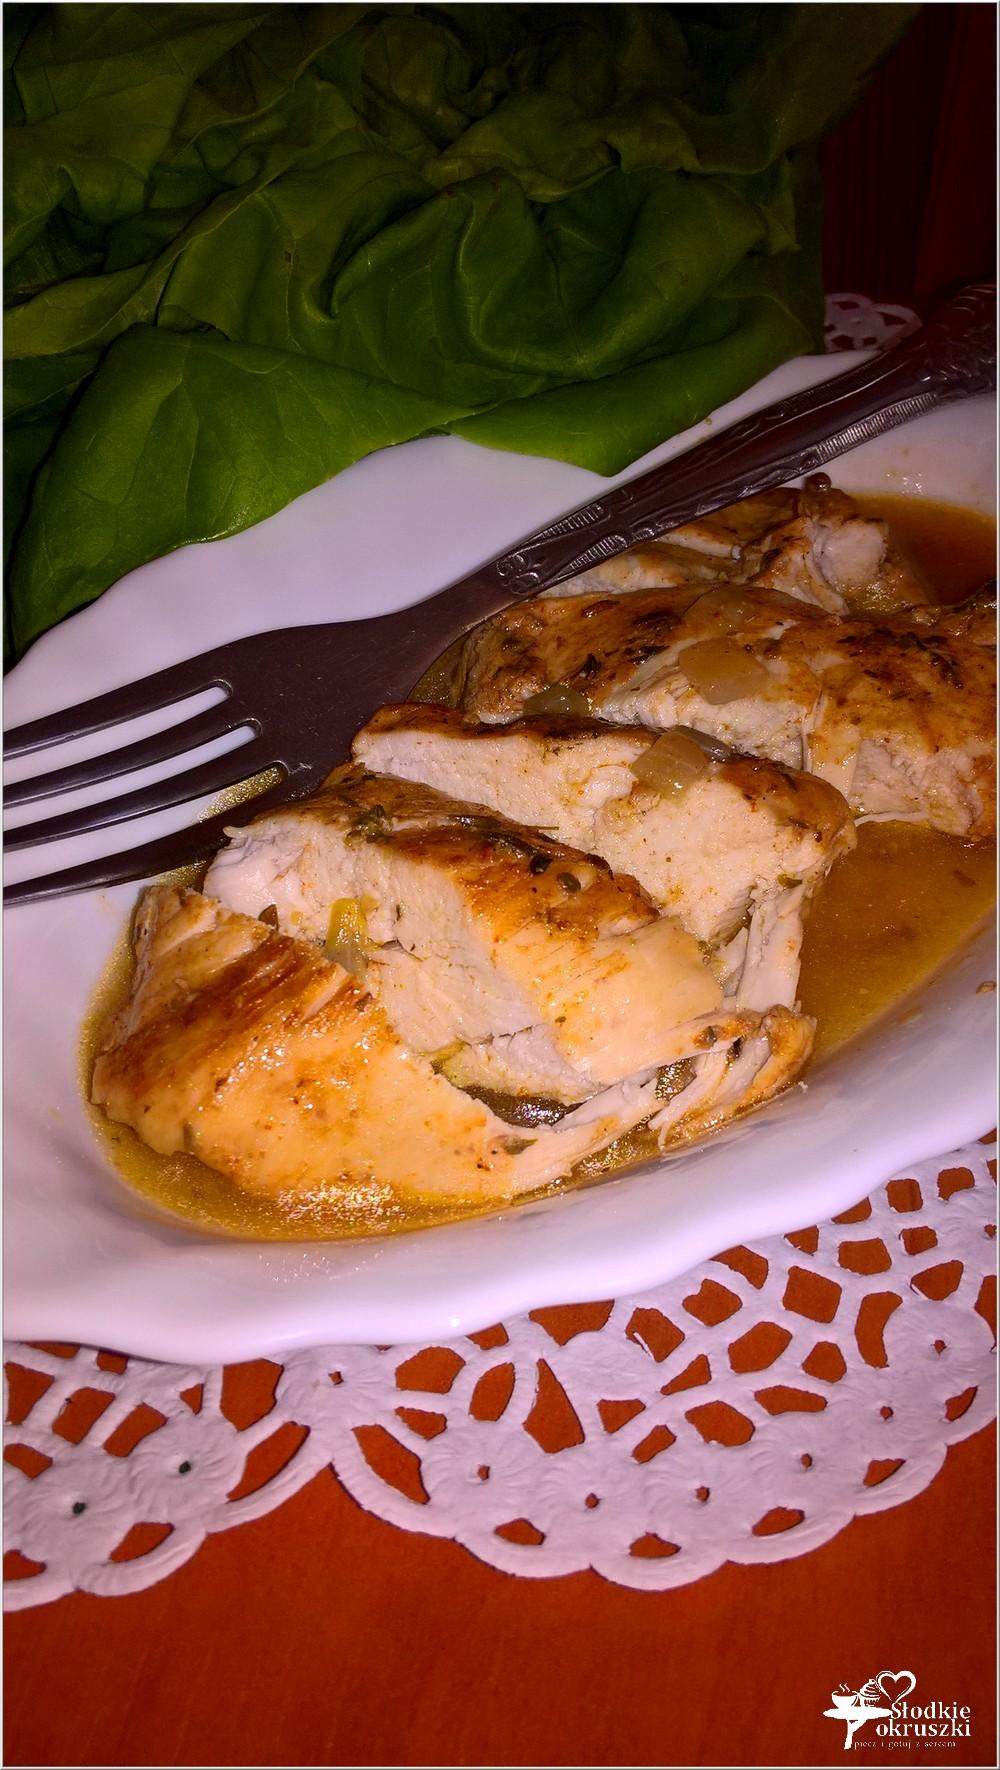 Soczyste piersi z kurczaka w marynacie 1000 wysp (2)